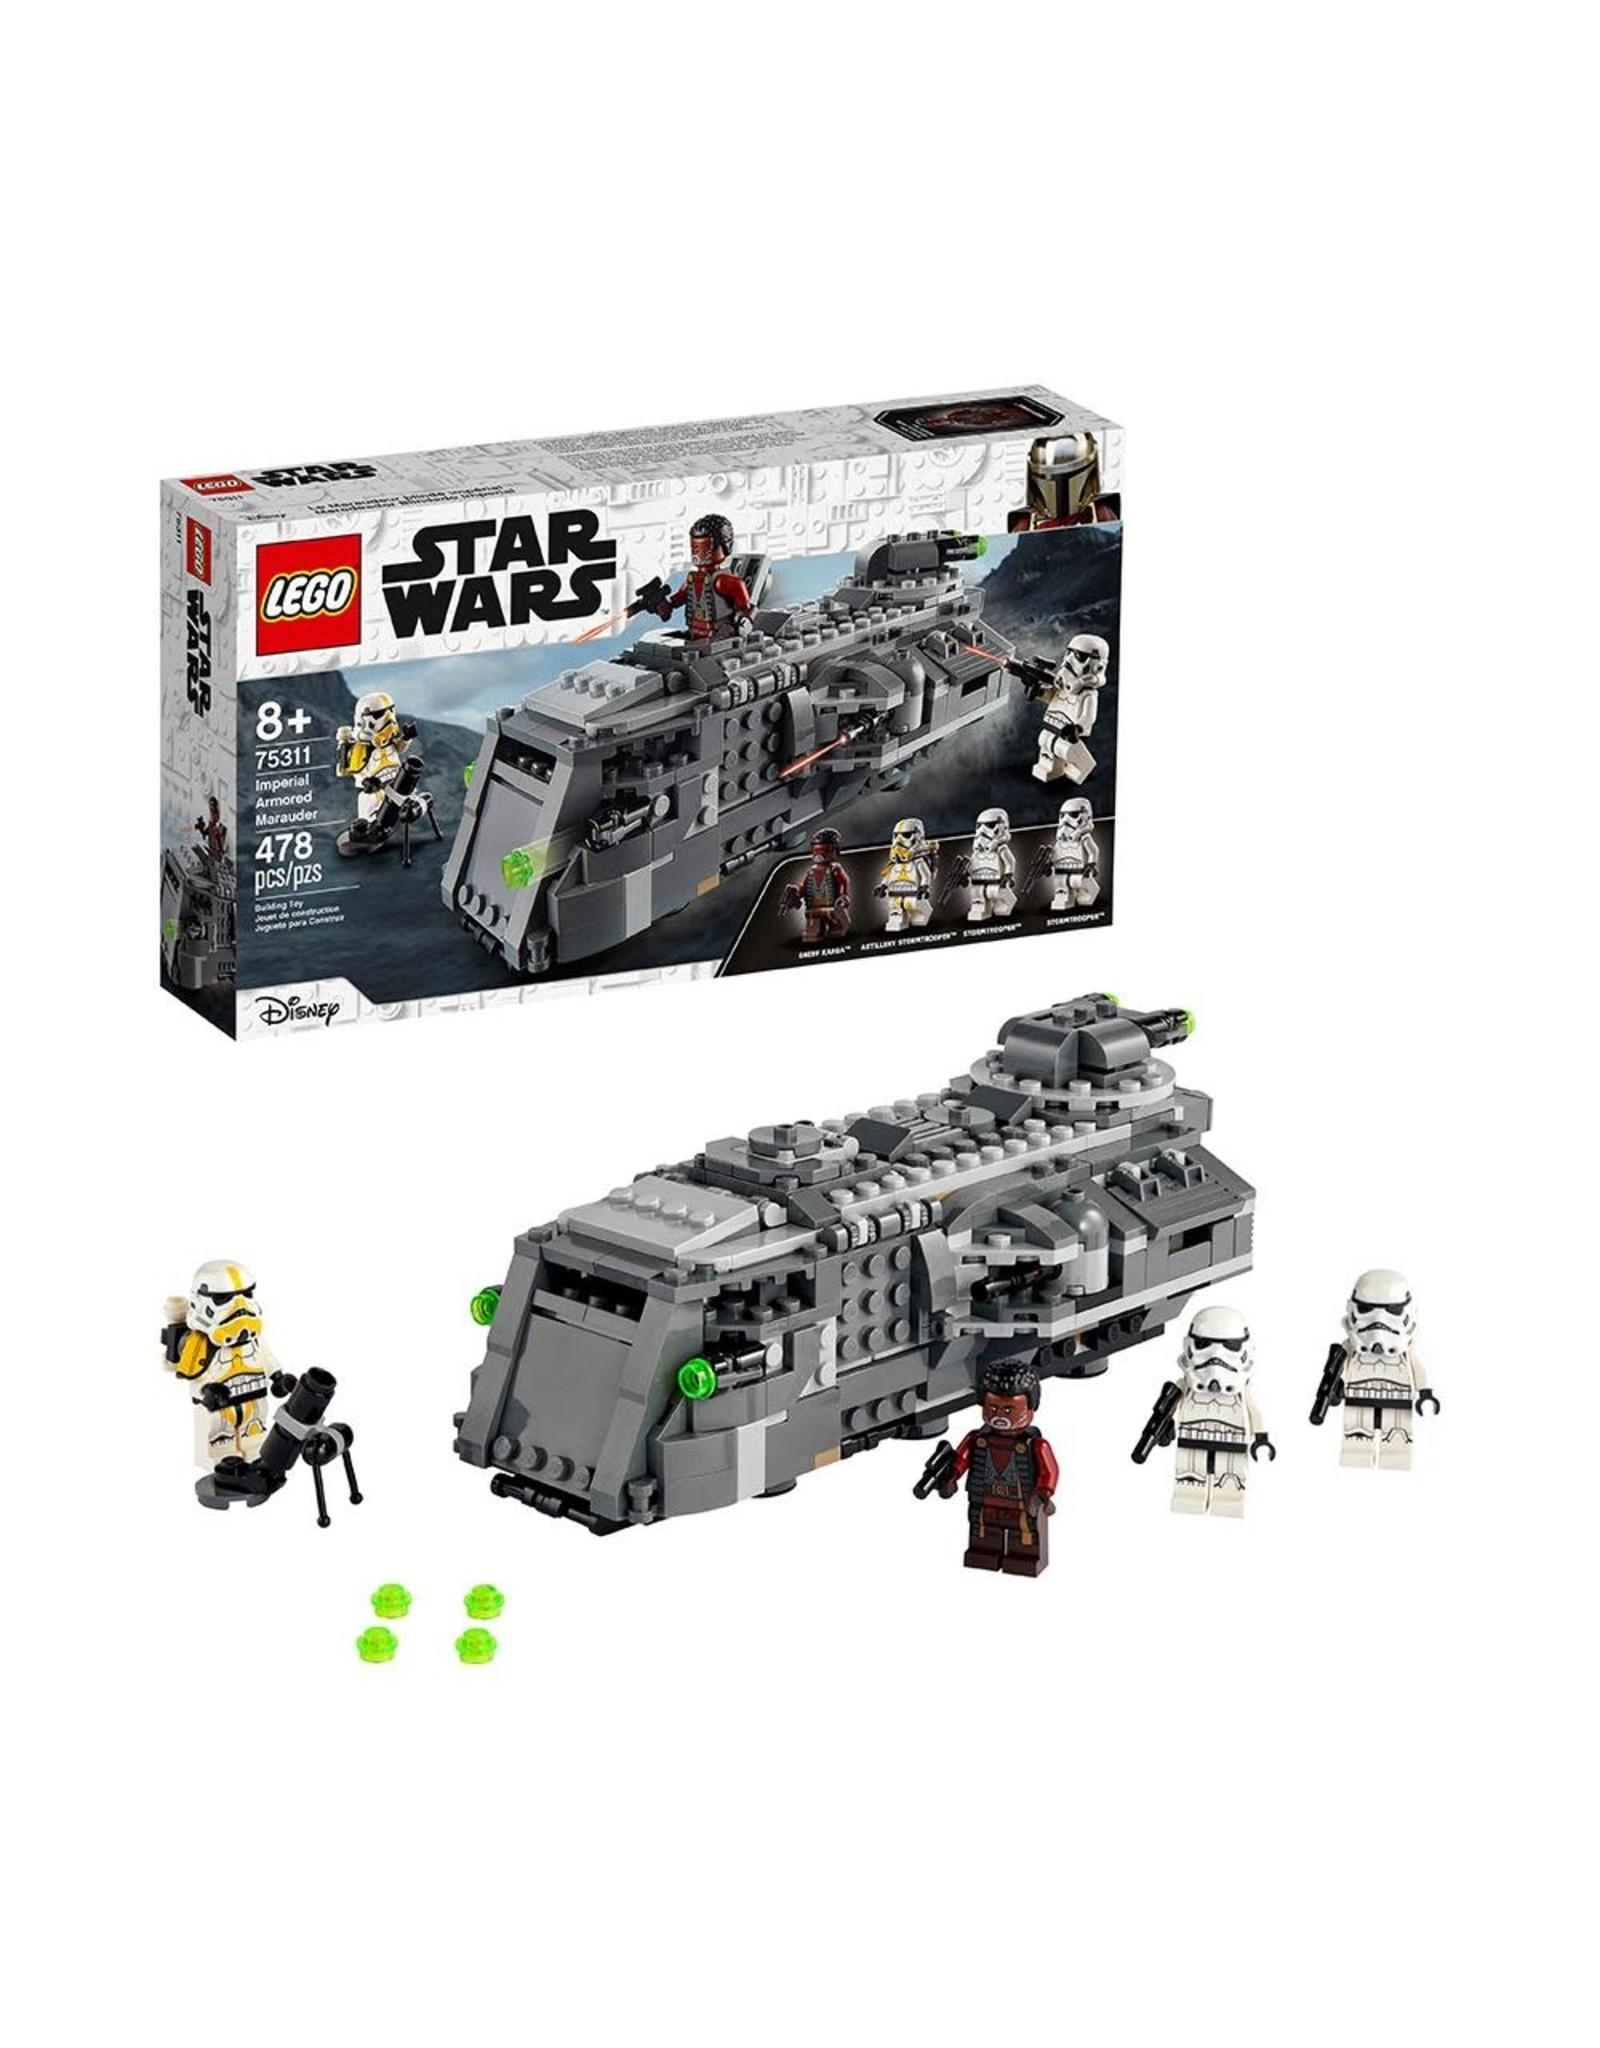 LEGO Star Wars 75311 Imperial Armored Marauder